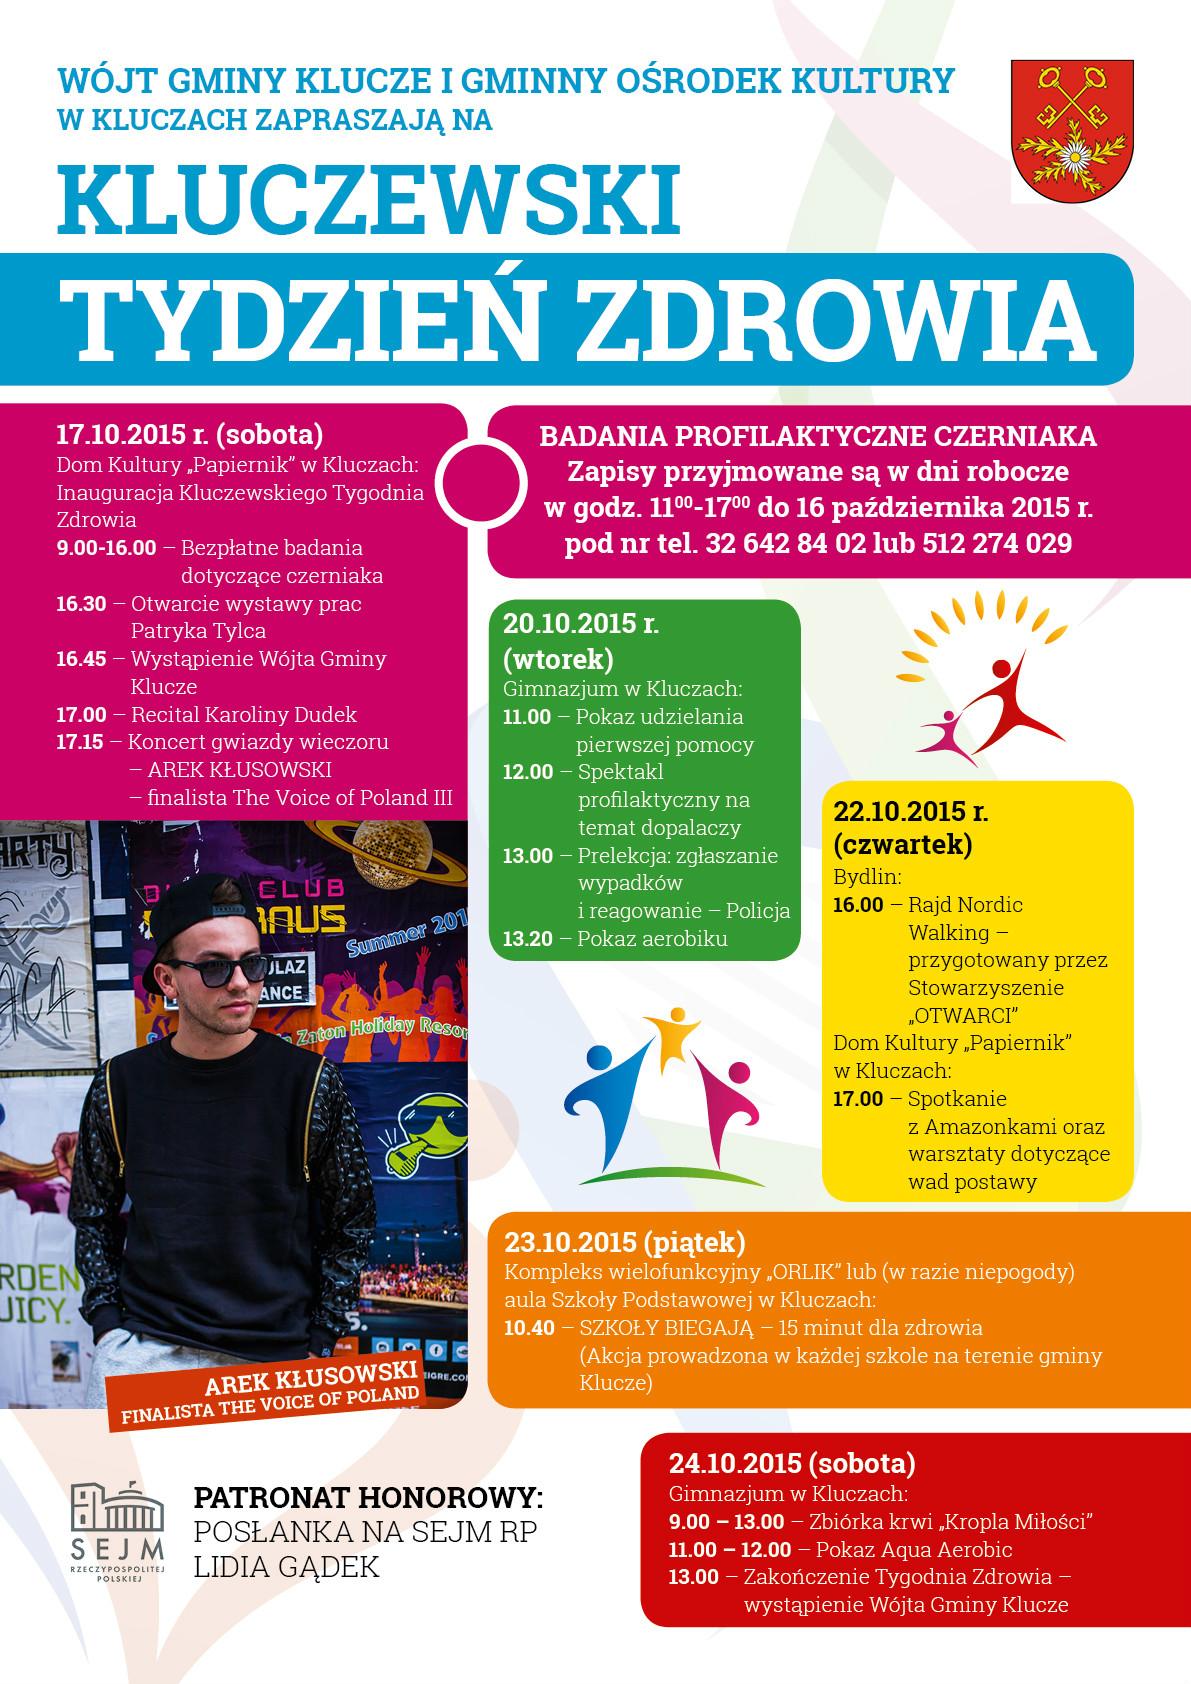 Kluczewski Tydzień Zdrowia